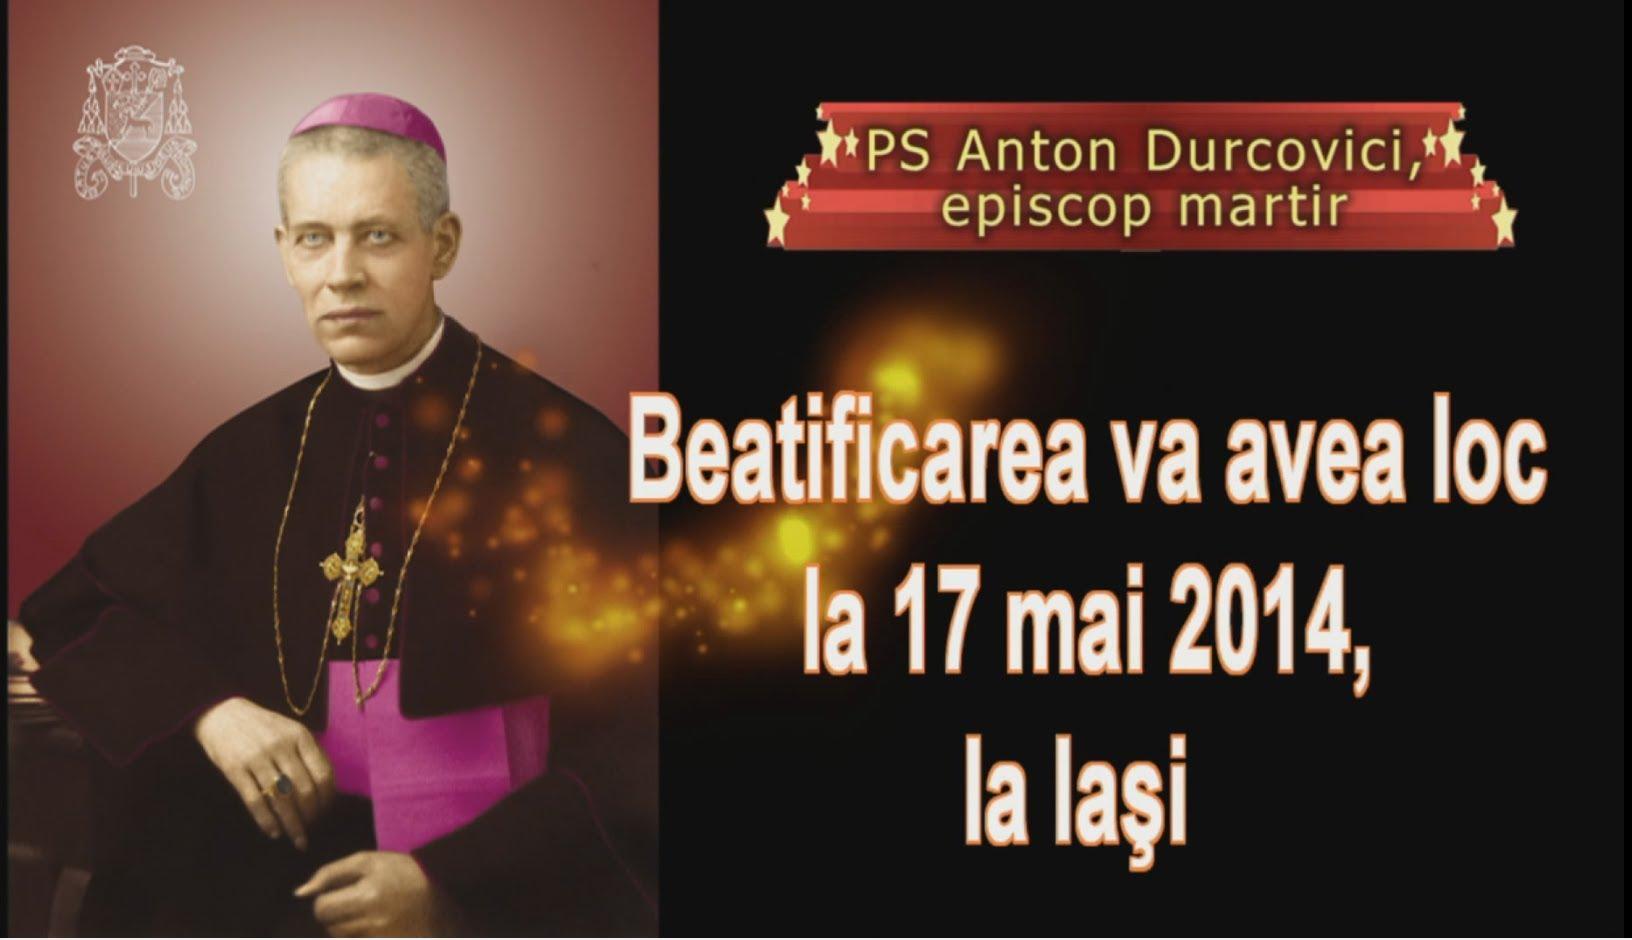 Informaţii practice pentru participanţii la beatificarea episcopului Anton Durcovici